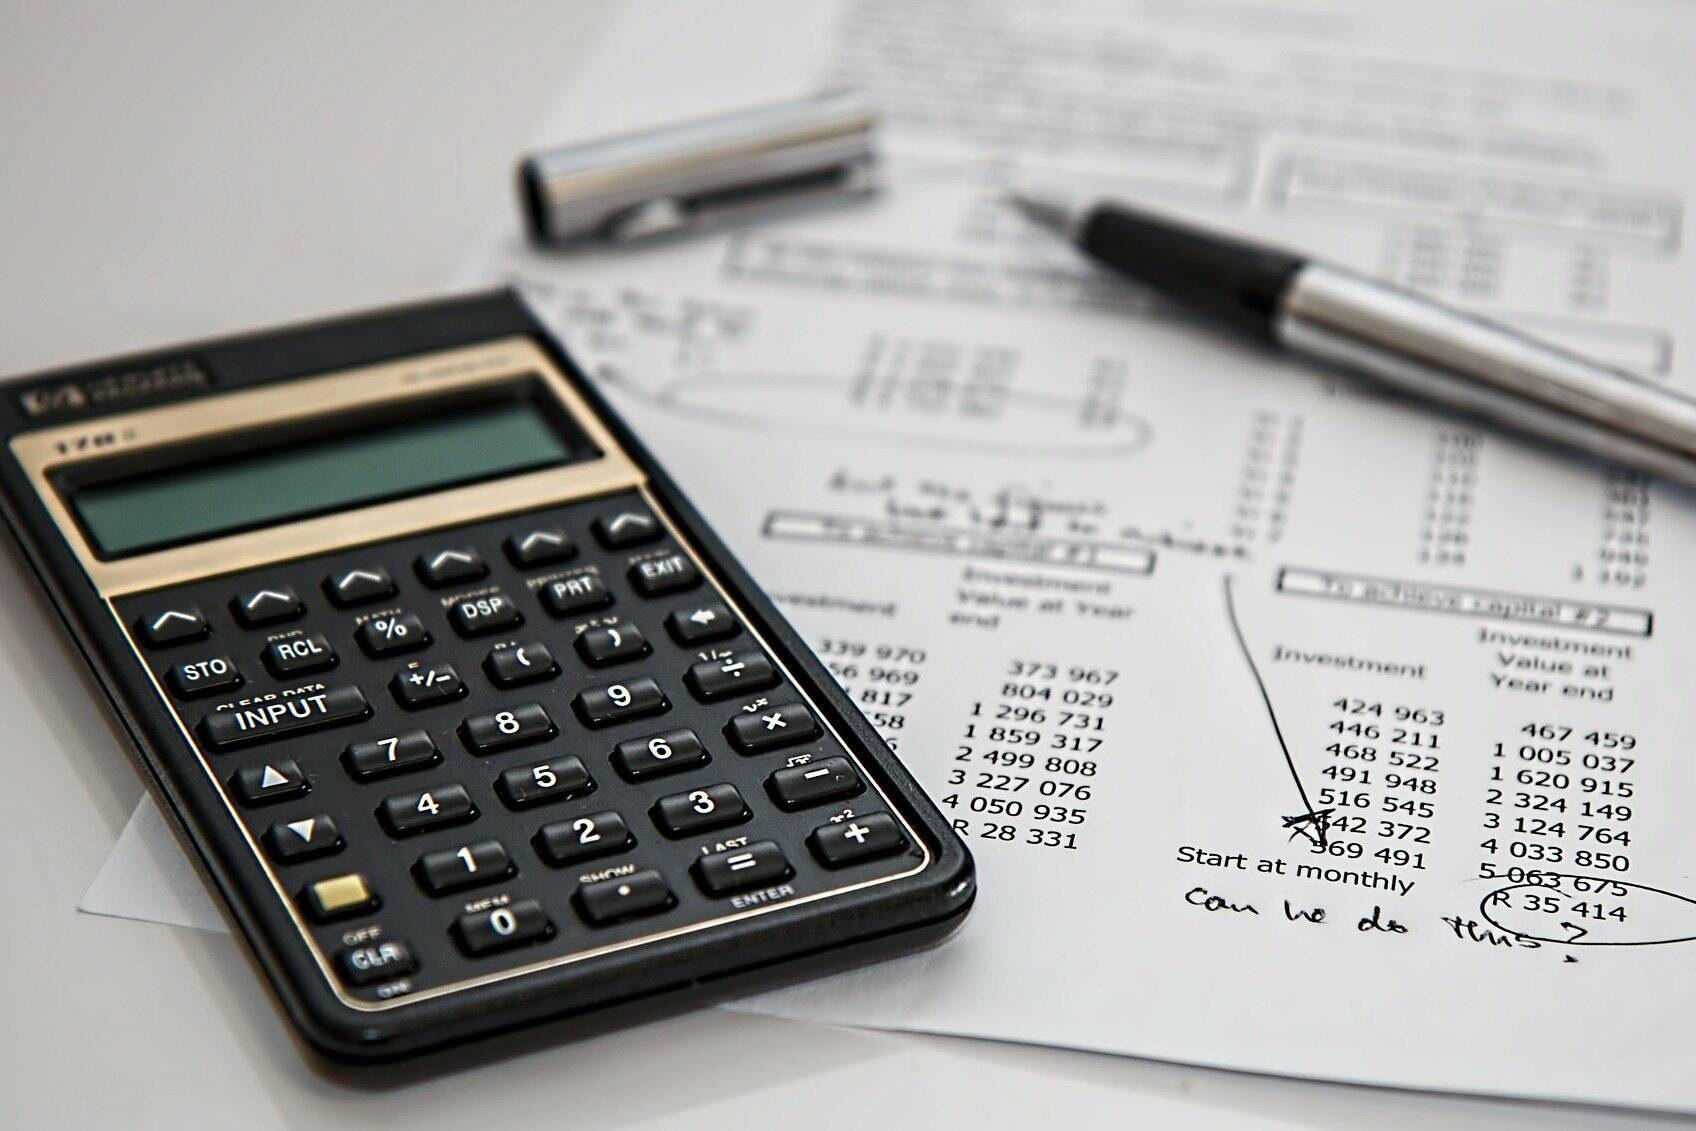 Taschenrechner_Finanzen